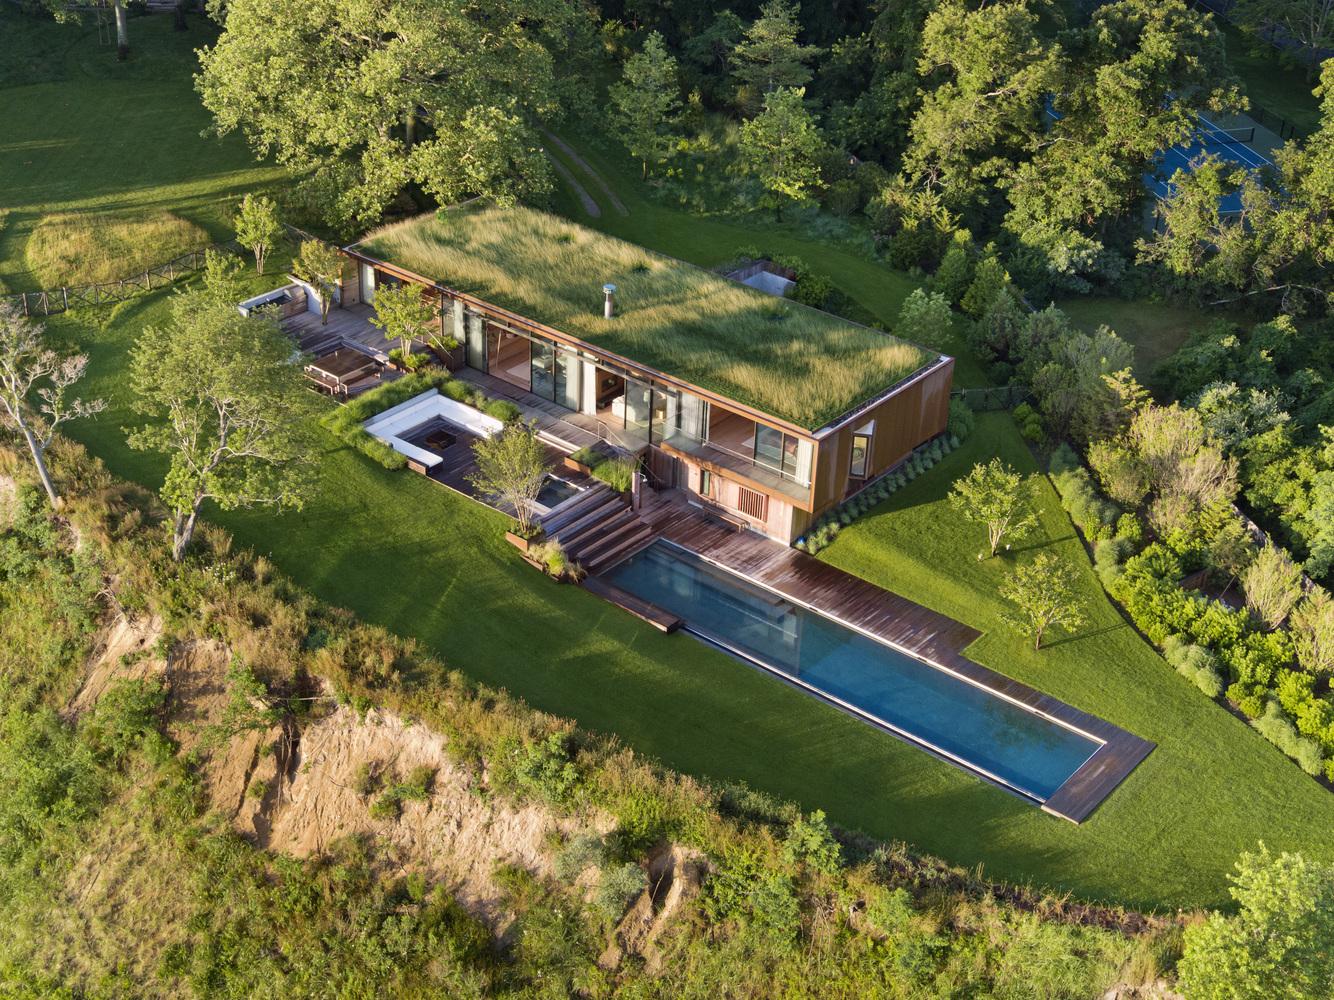 Coffee Break | The Italian Way of Design: Villa in controtendenza negli Hamptons